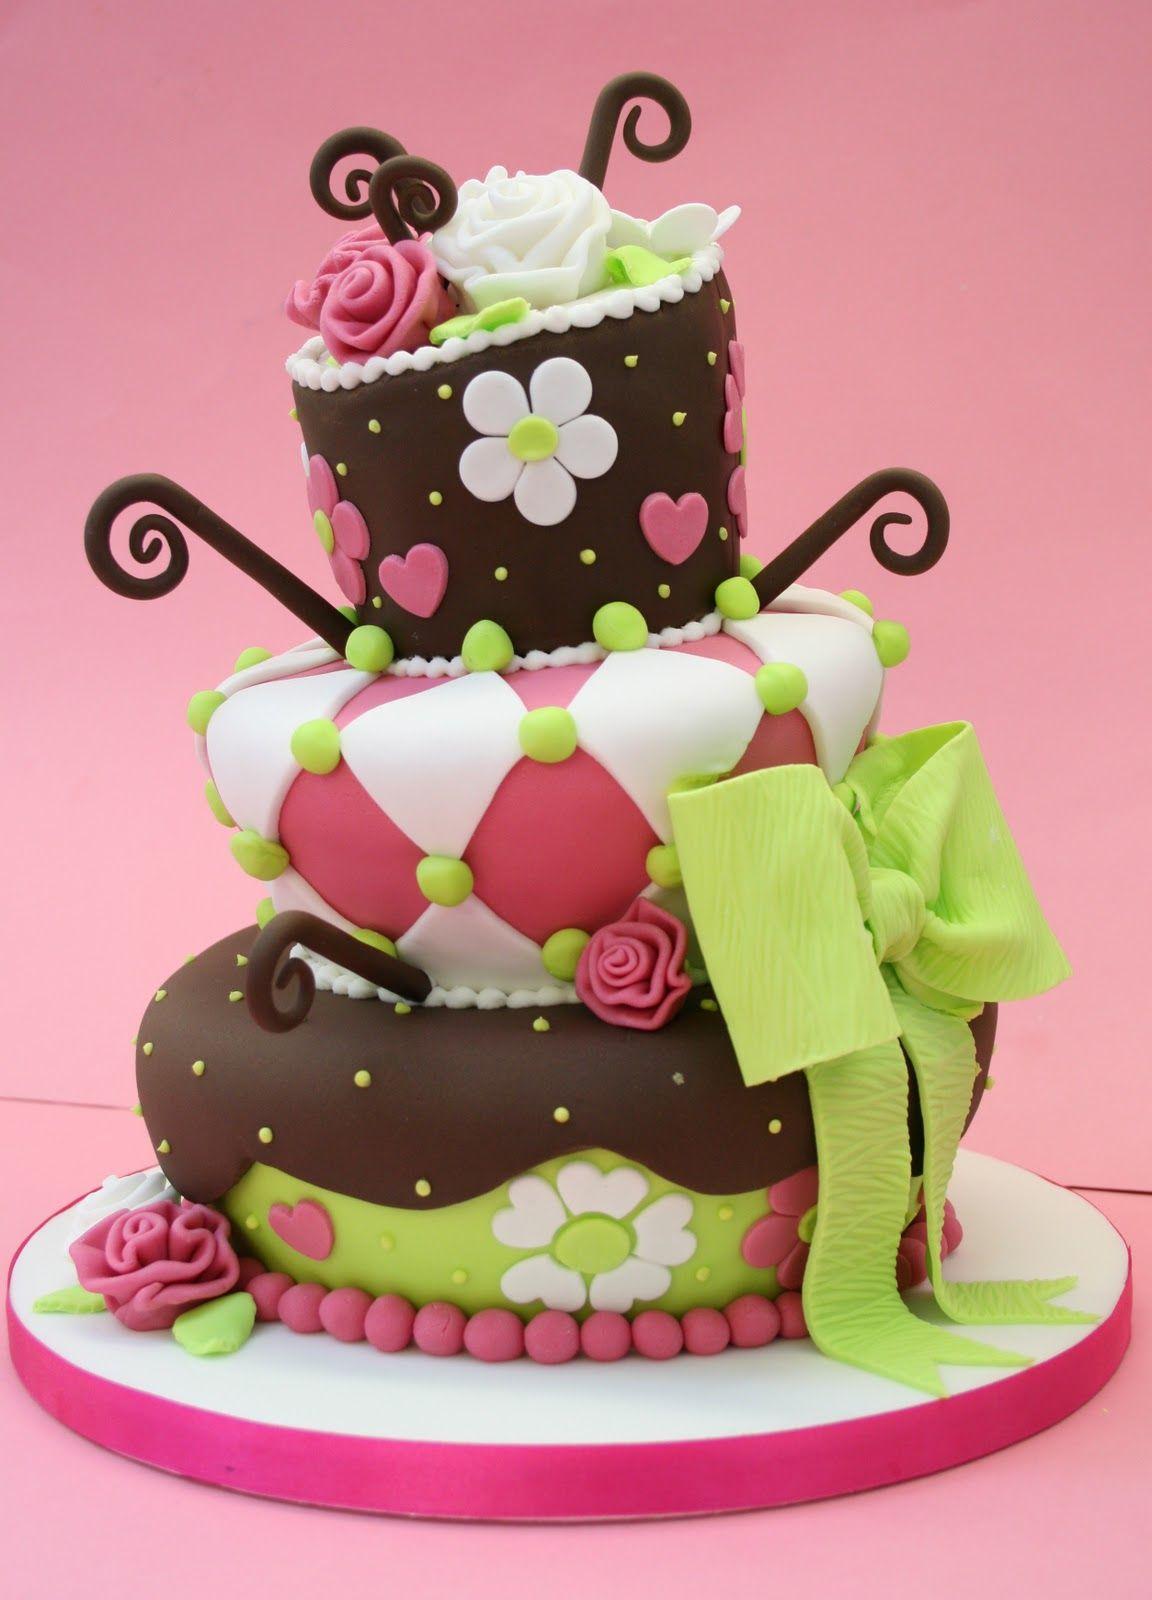 Schone Kuchen Zum Geburtstag Schoko Bananen Geburtstagstorte Zum